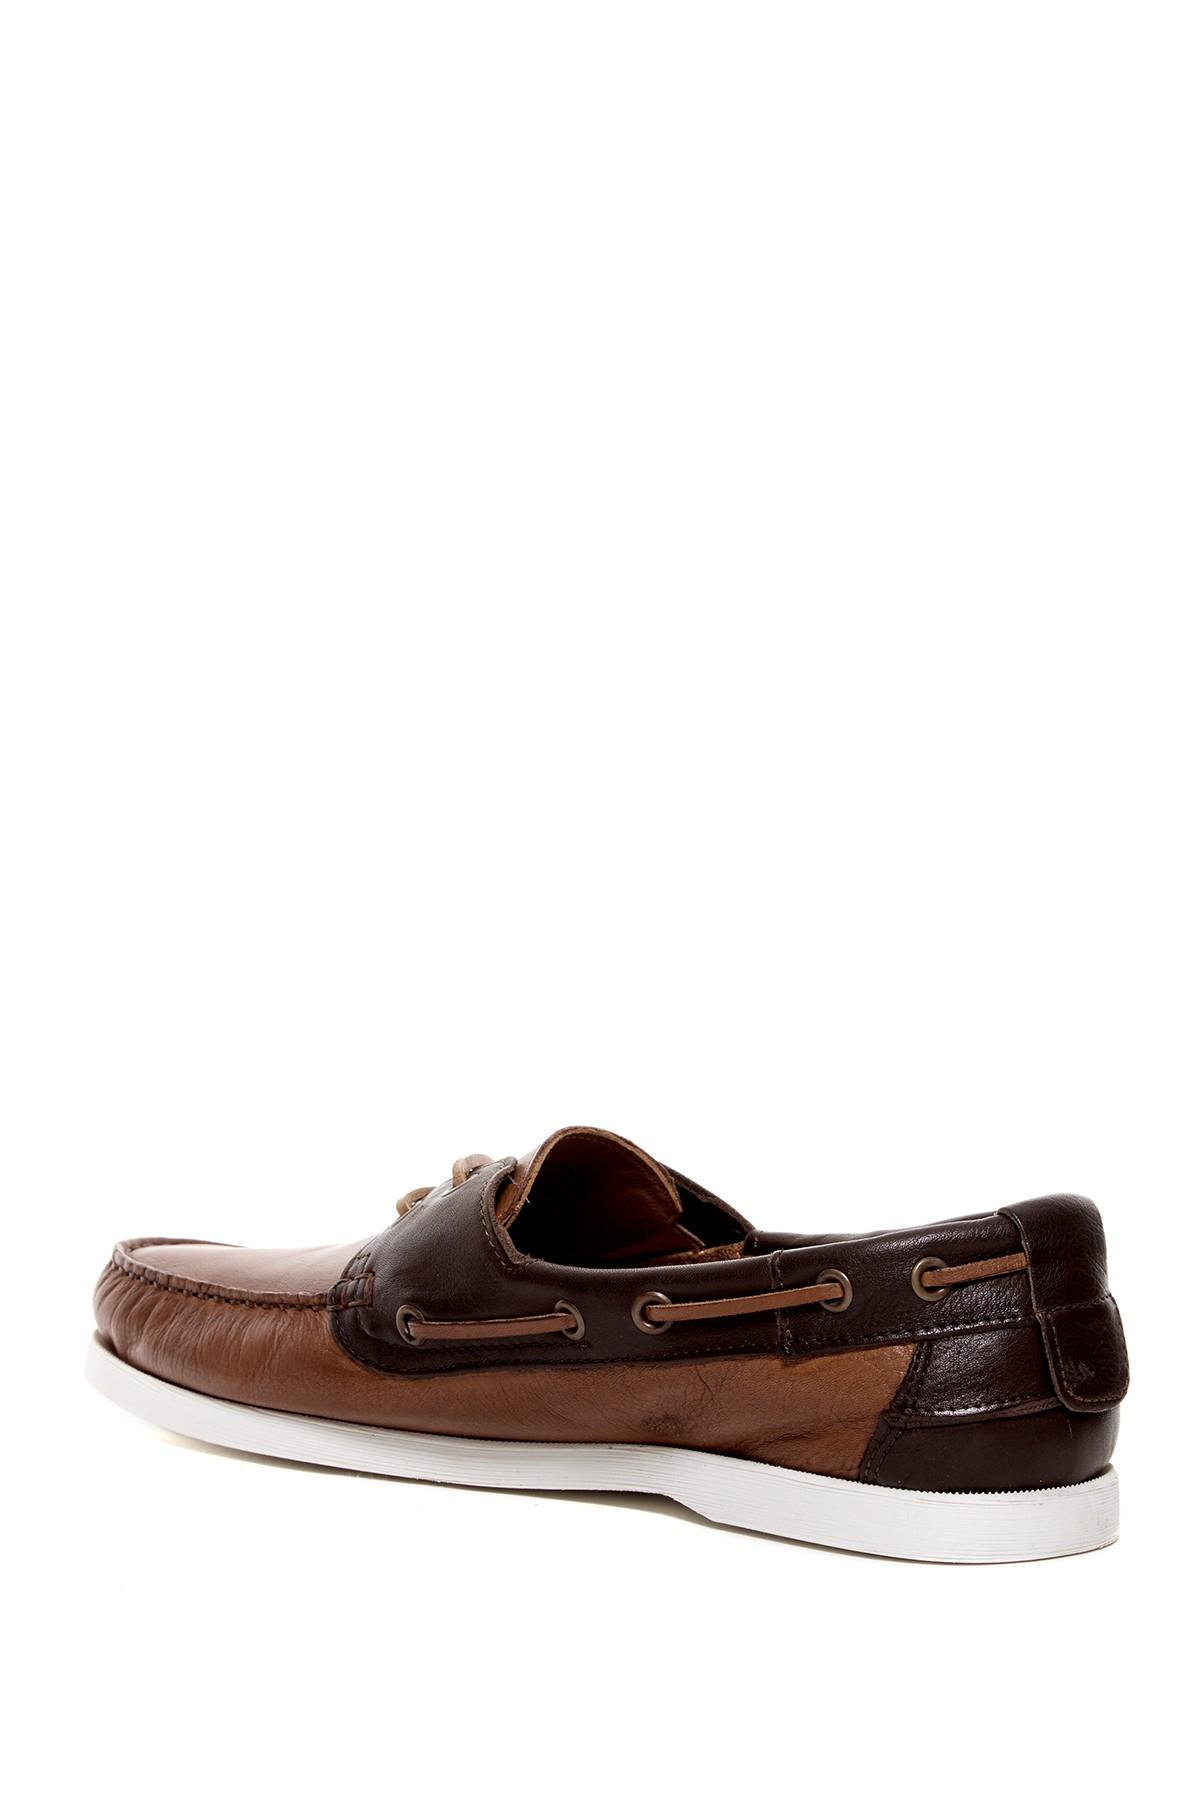 aldo rickerd moc boat shoe in brown for lyst